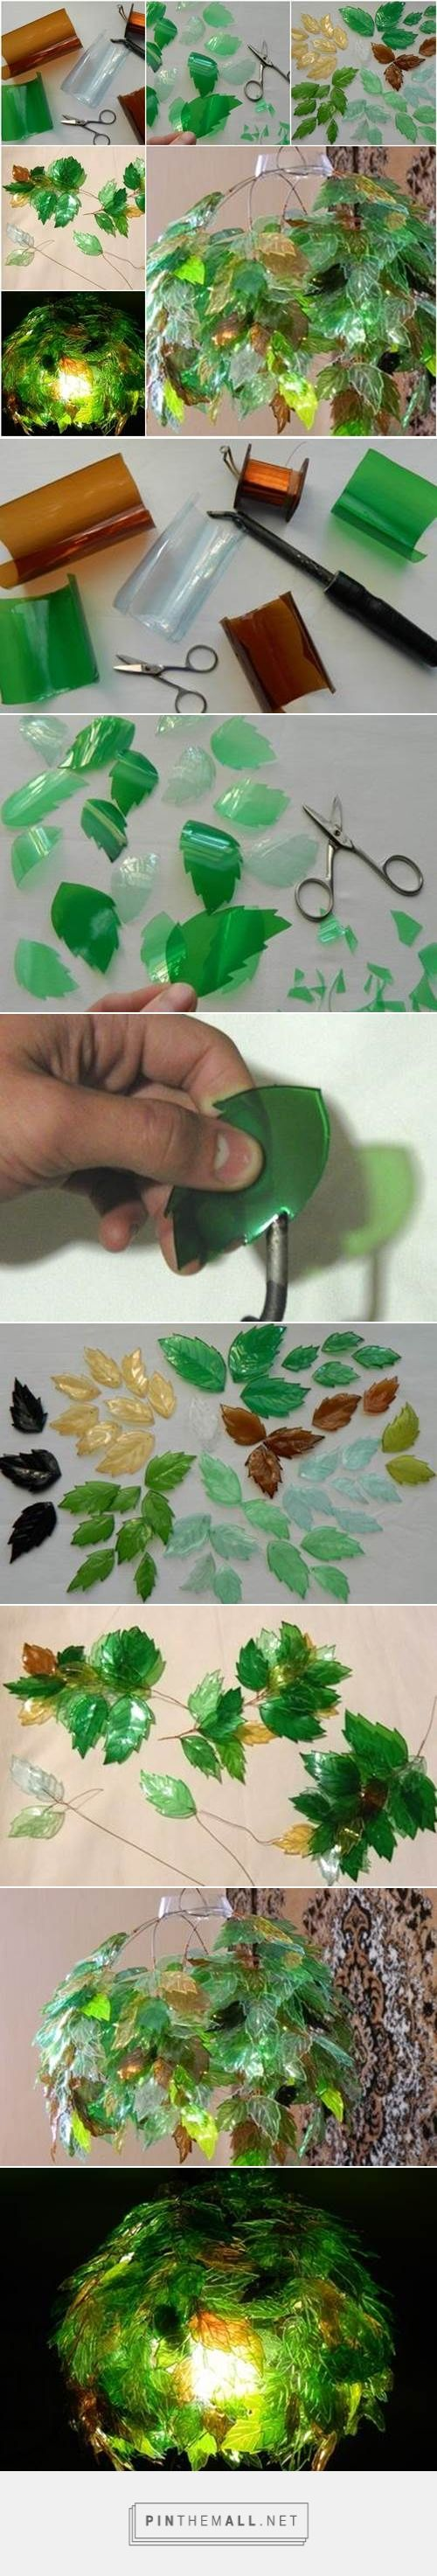 Nicht zufassen: Diese Lampe wurde aus Plastikflaschen selbst gemacht!